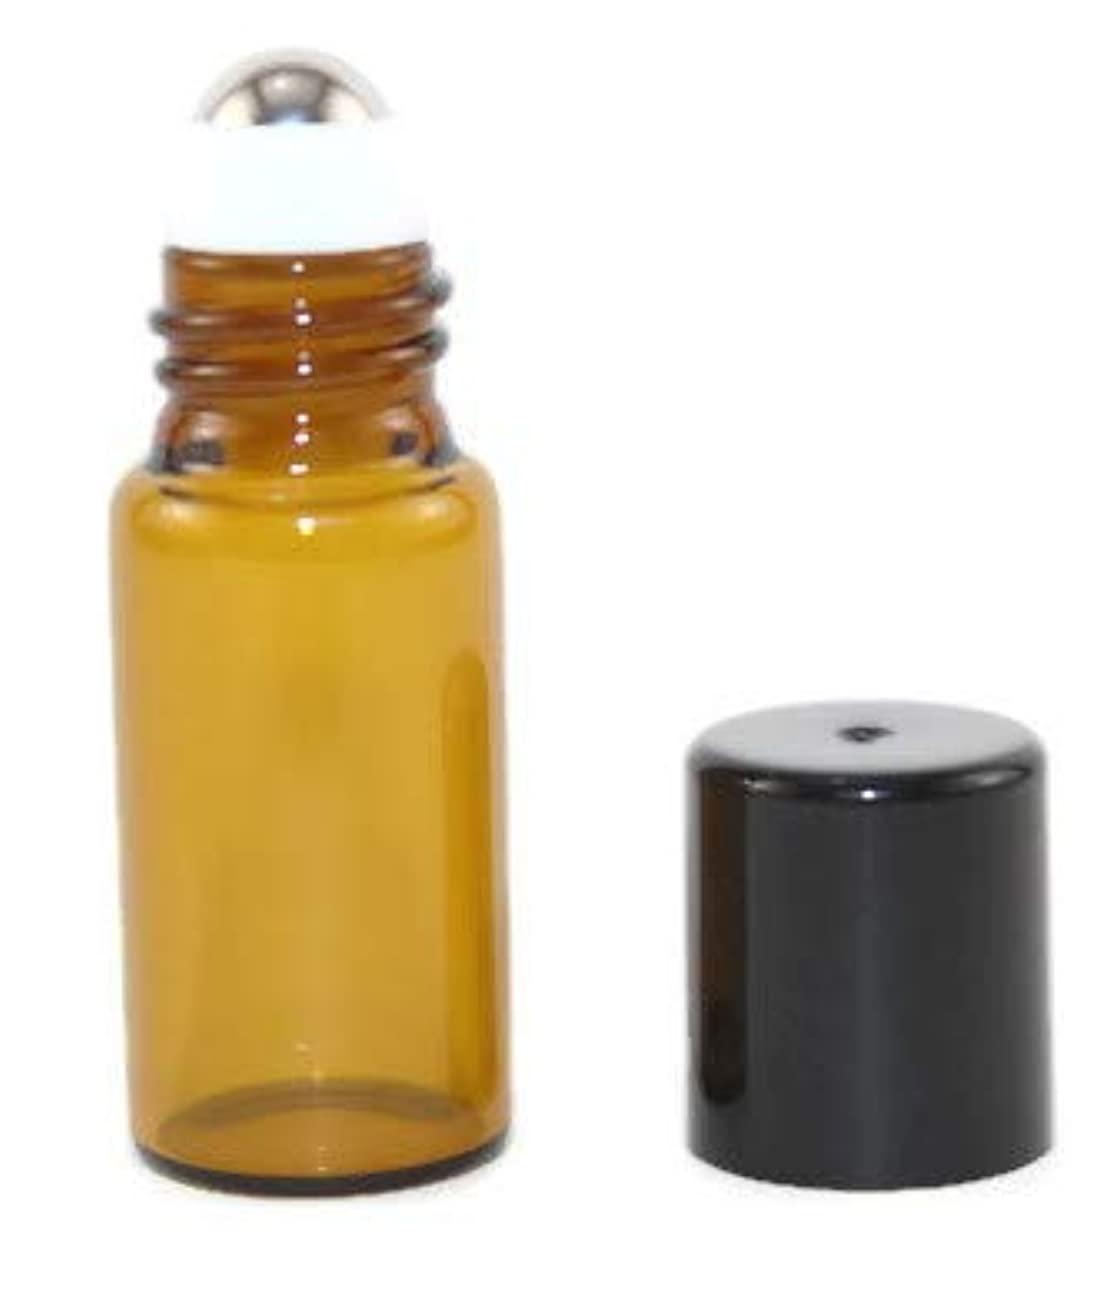 華氏会うワゴンUSA 144 Amber Glass 3 ml Mini Roll-On Glass Bottles with Stainless Steel Roller Balls - Refillable Aromatherapy...